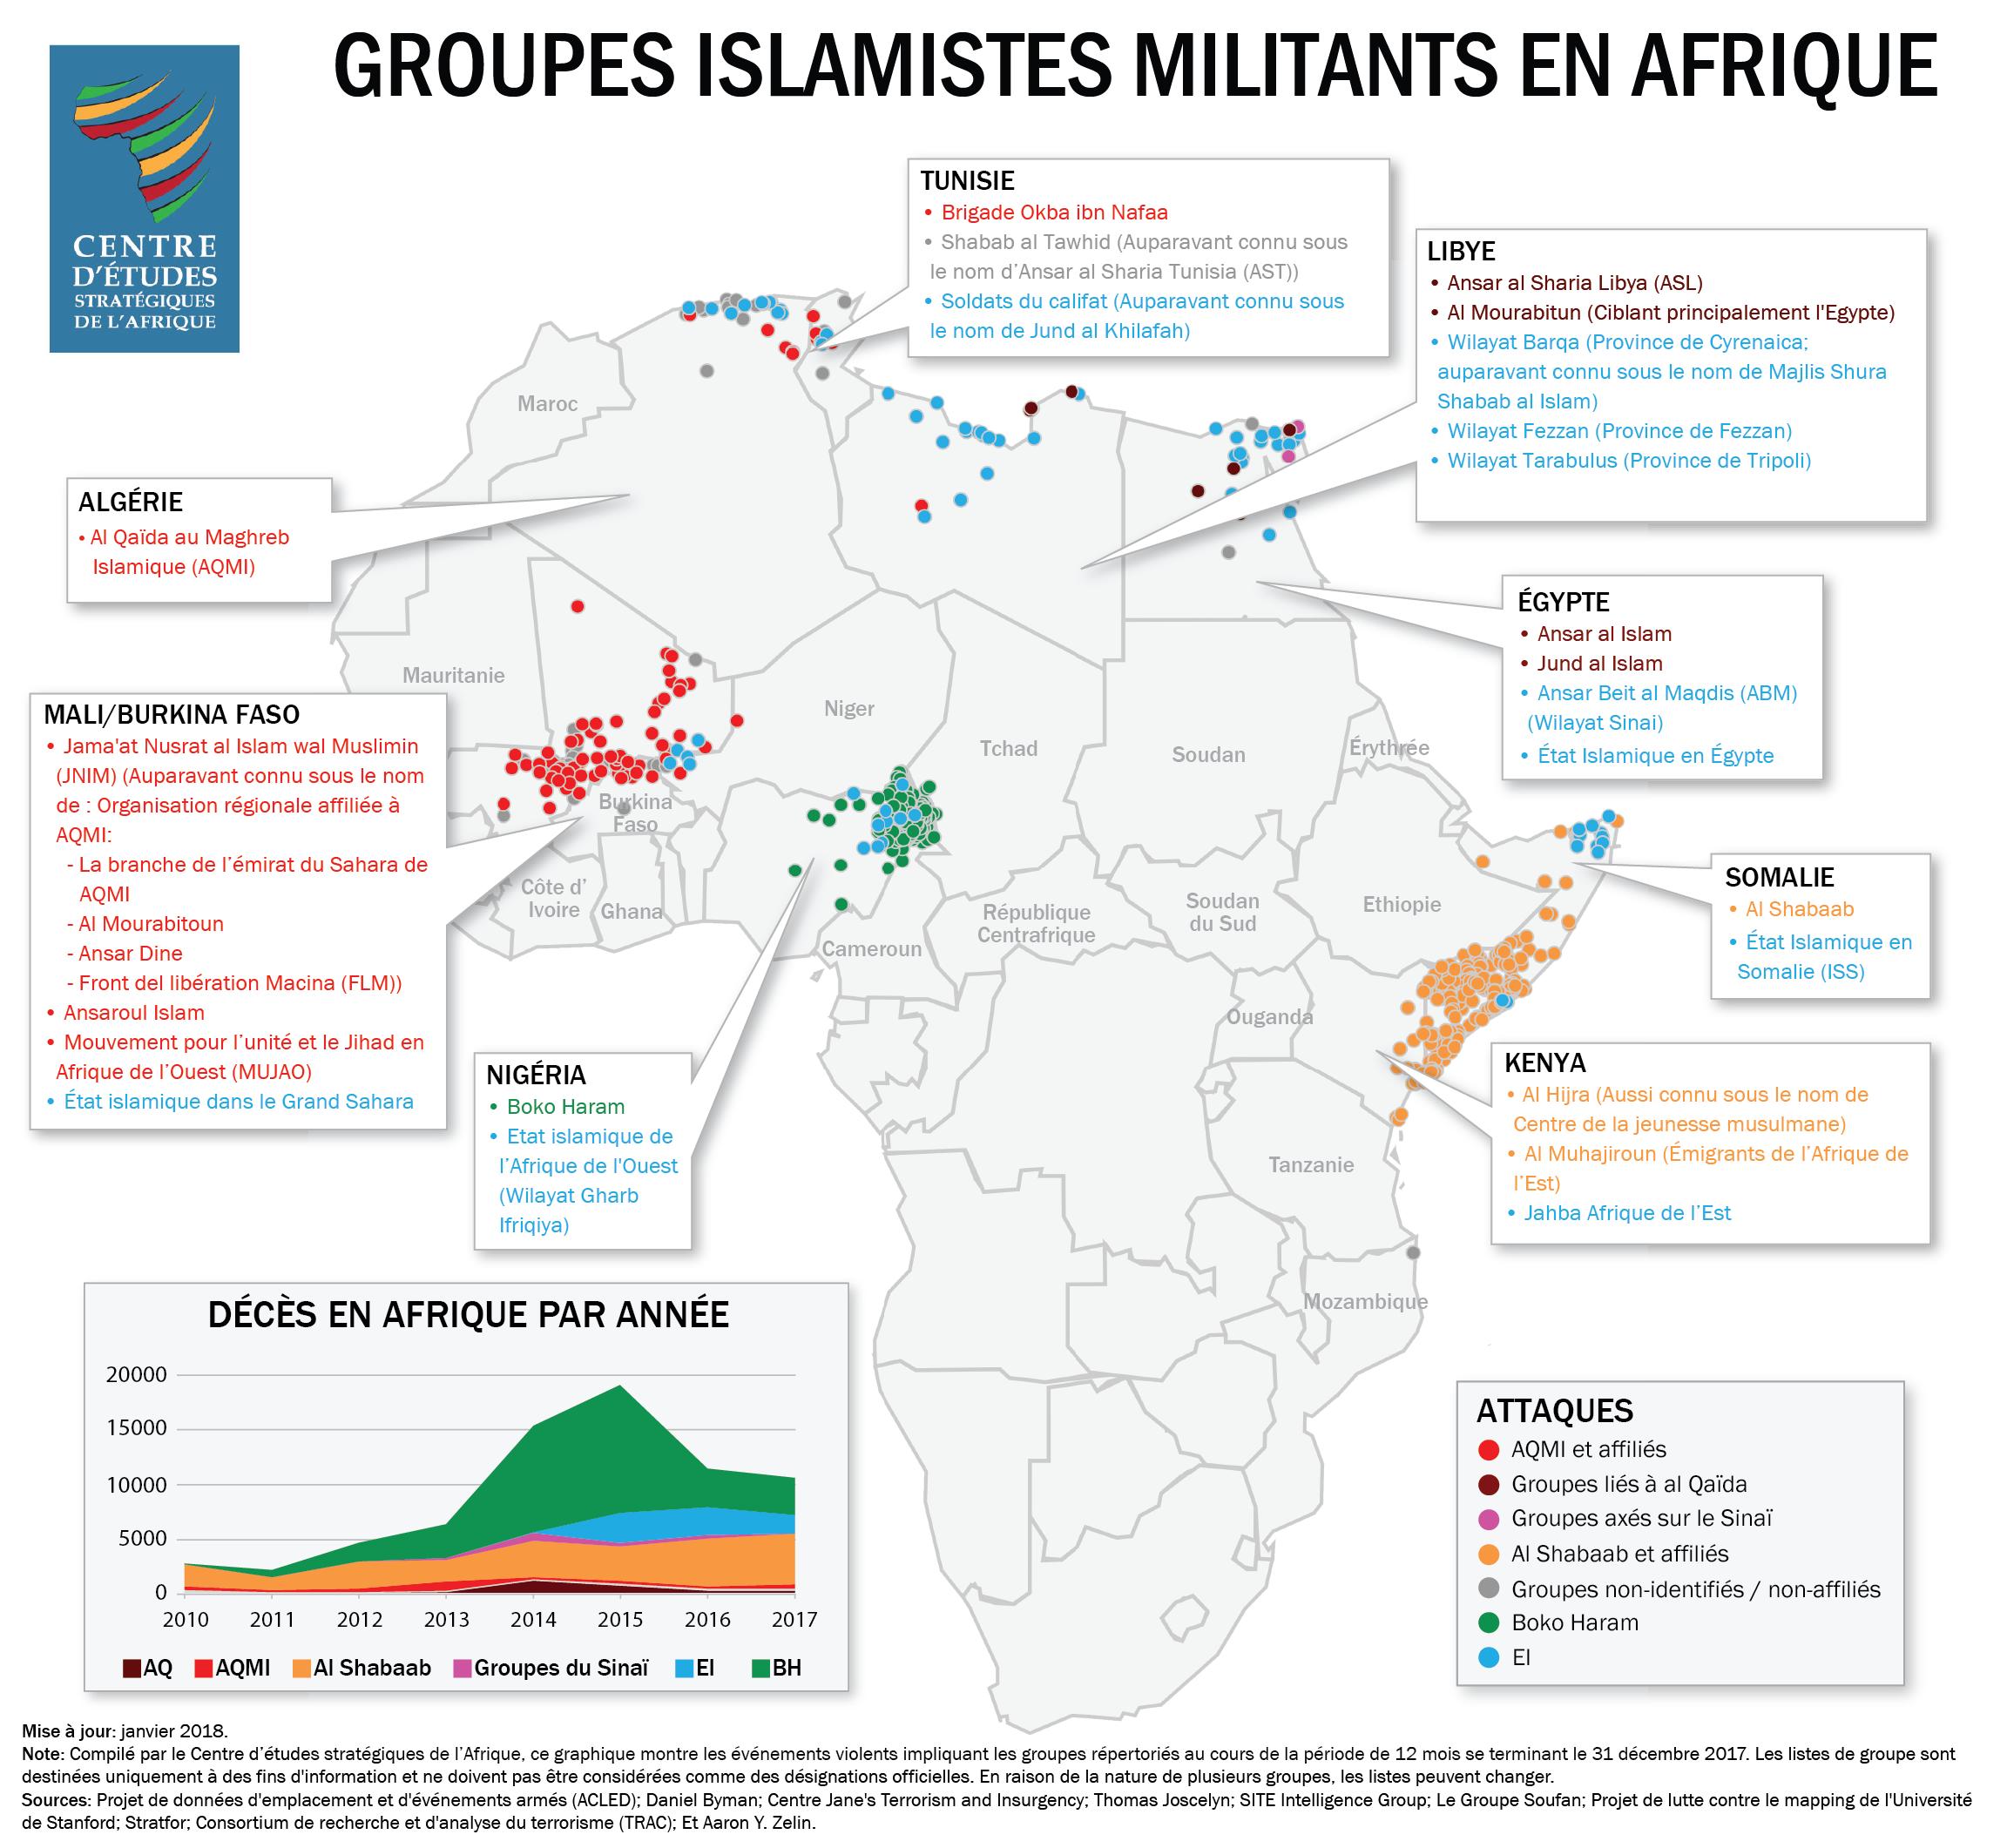 Groupes islamistes militants en Afrique - dec 2017